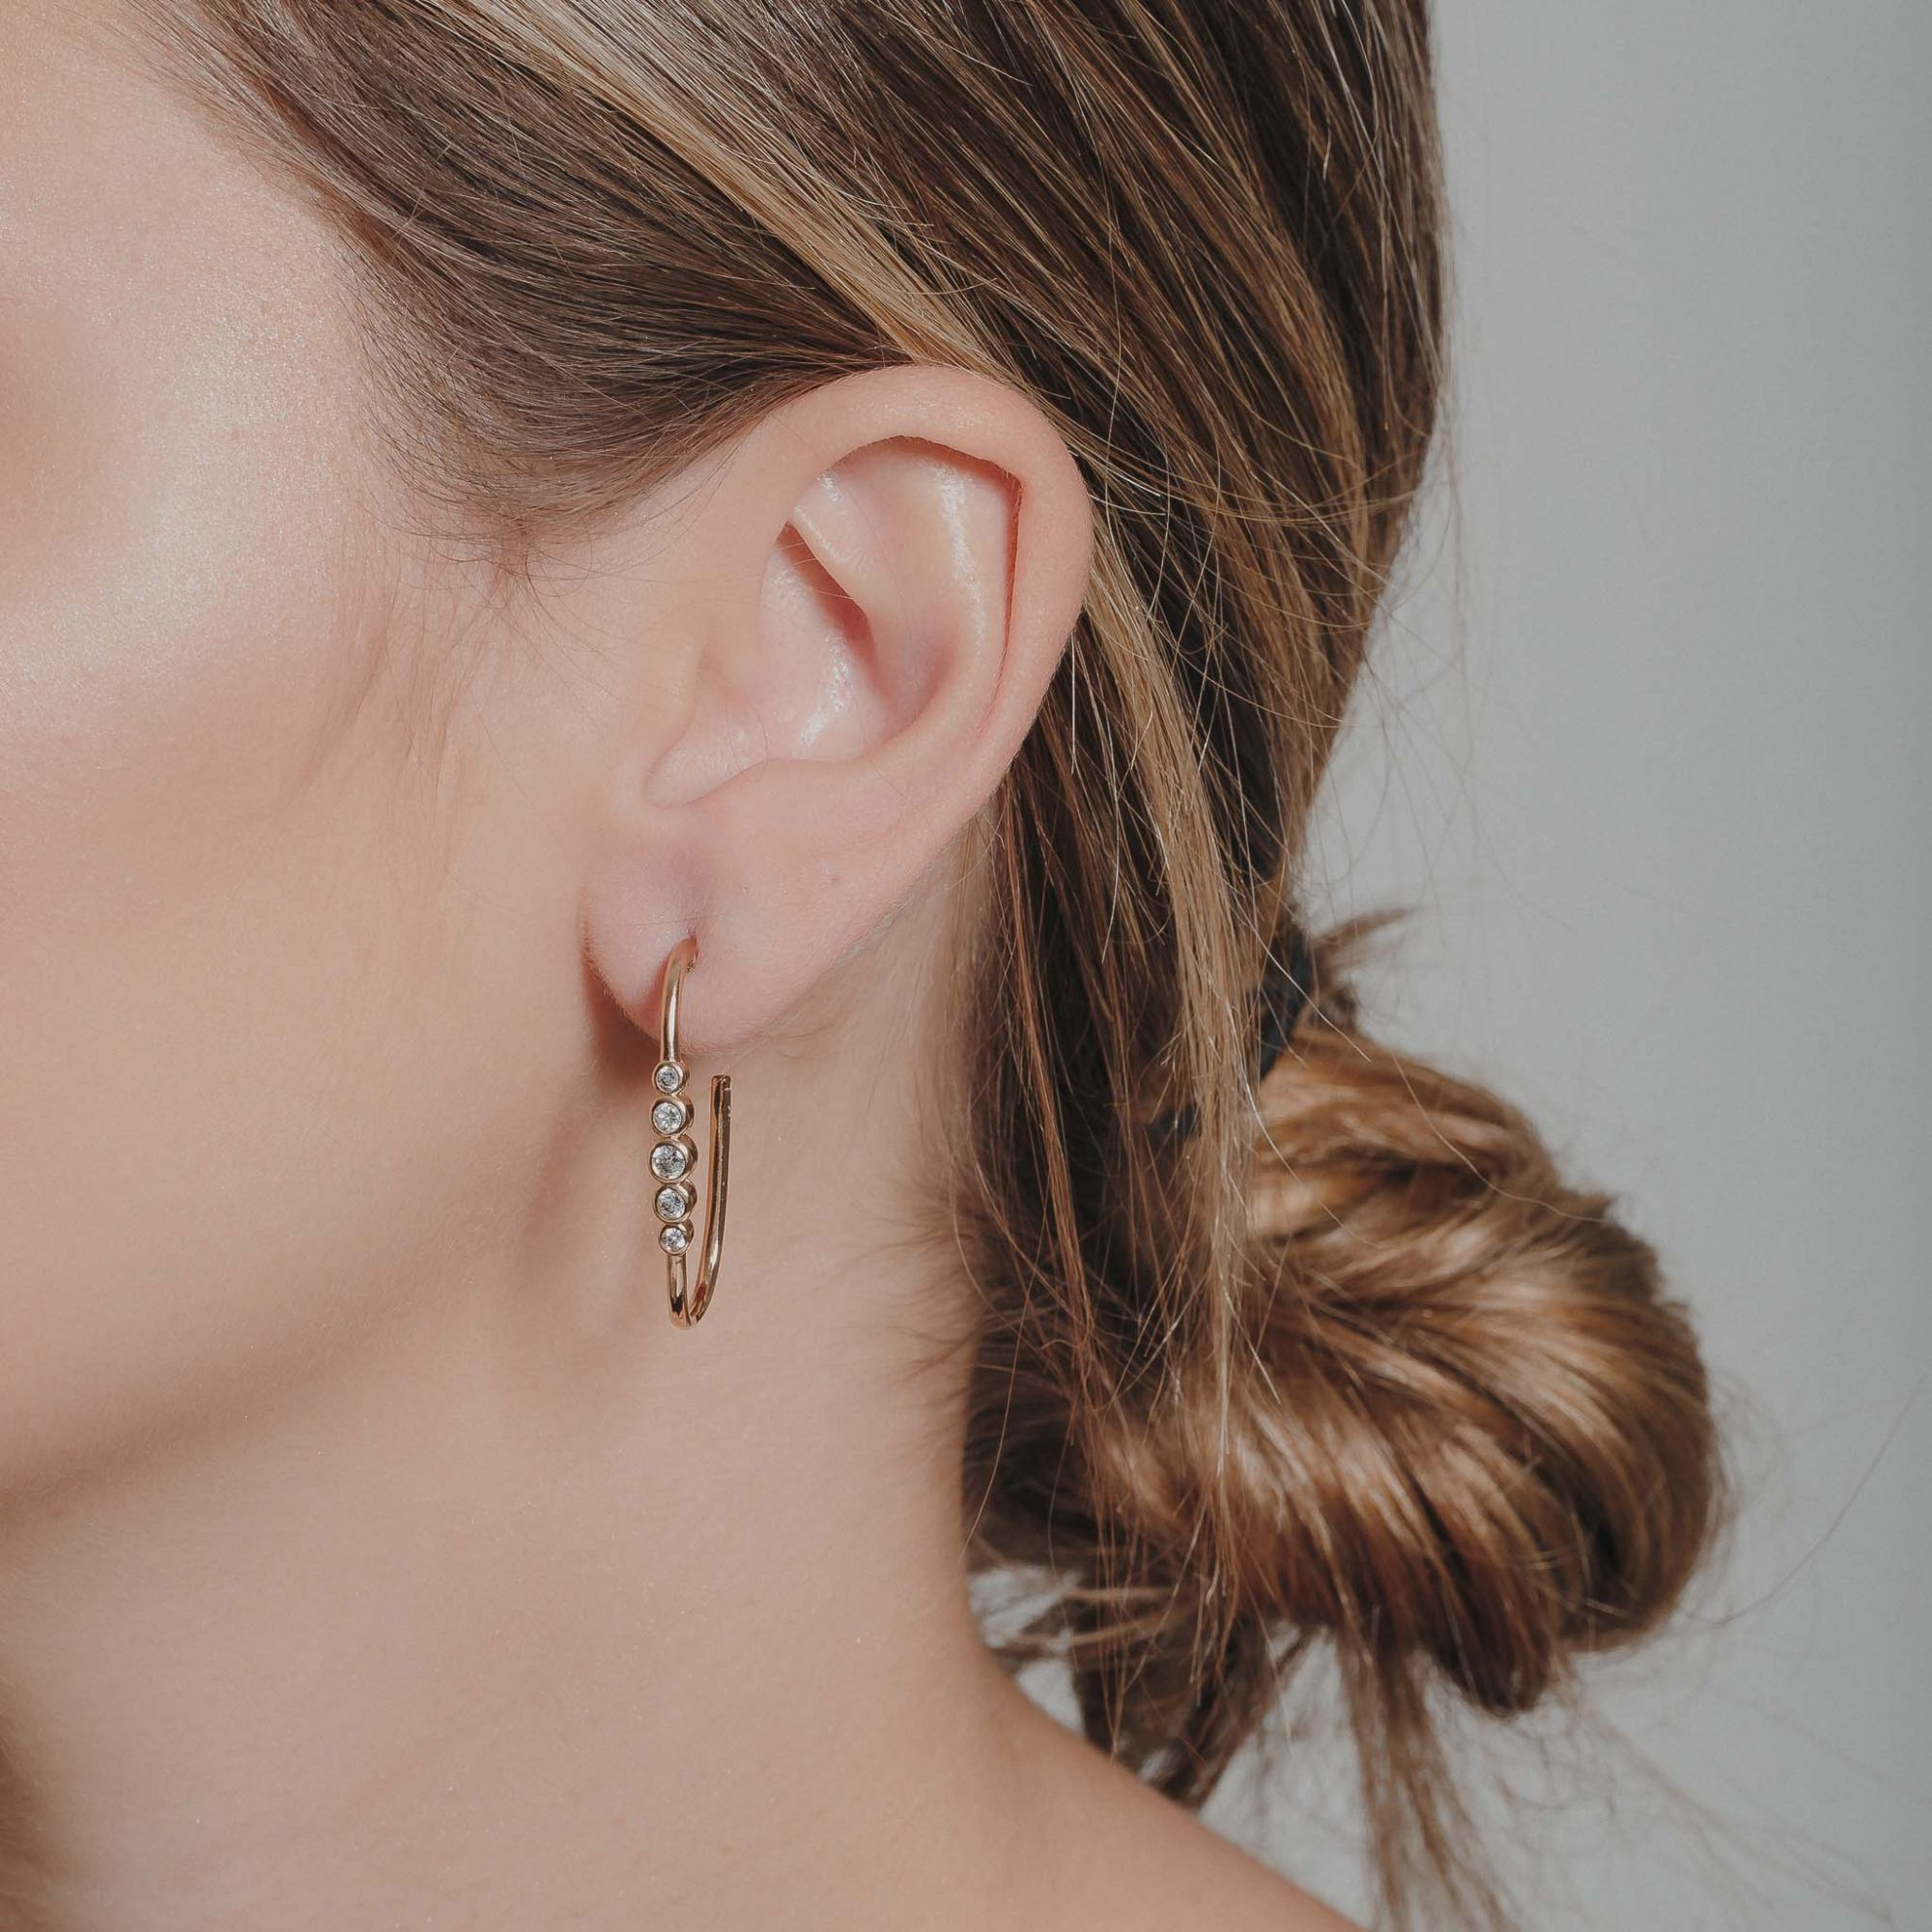 Brinco argola oval com zircônia cristal banhado a ouro 18k.  - romabrazil.com.br